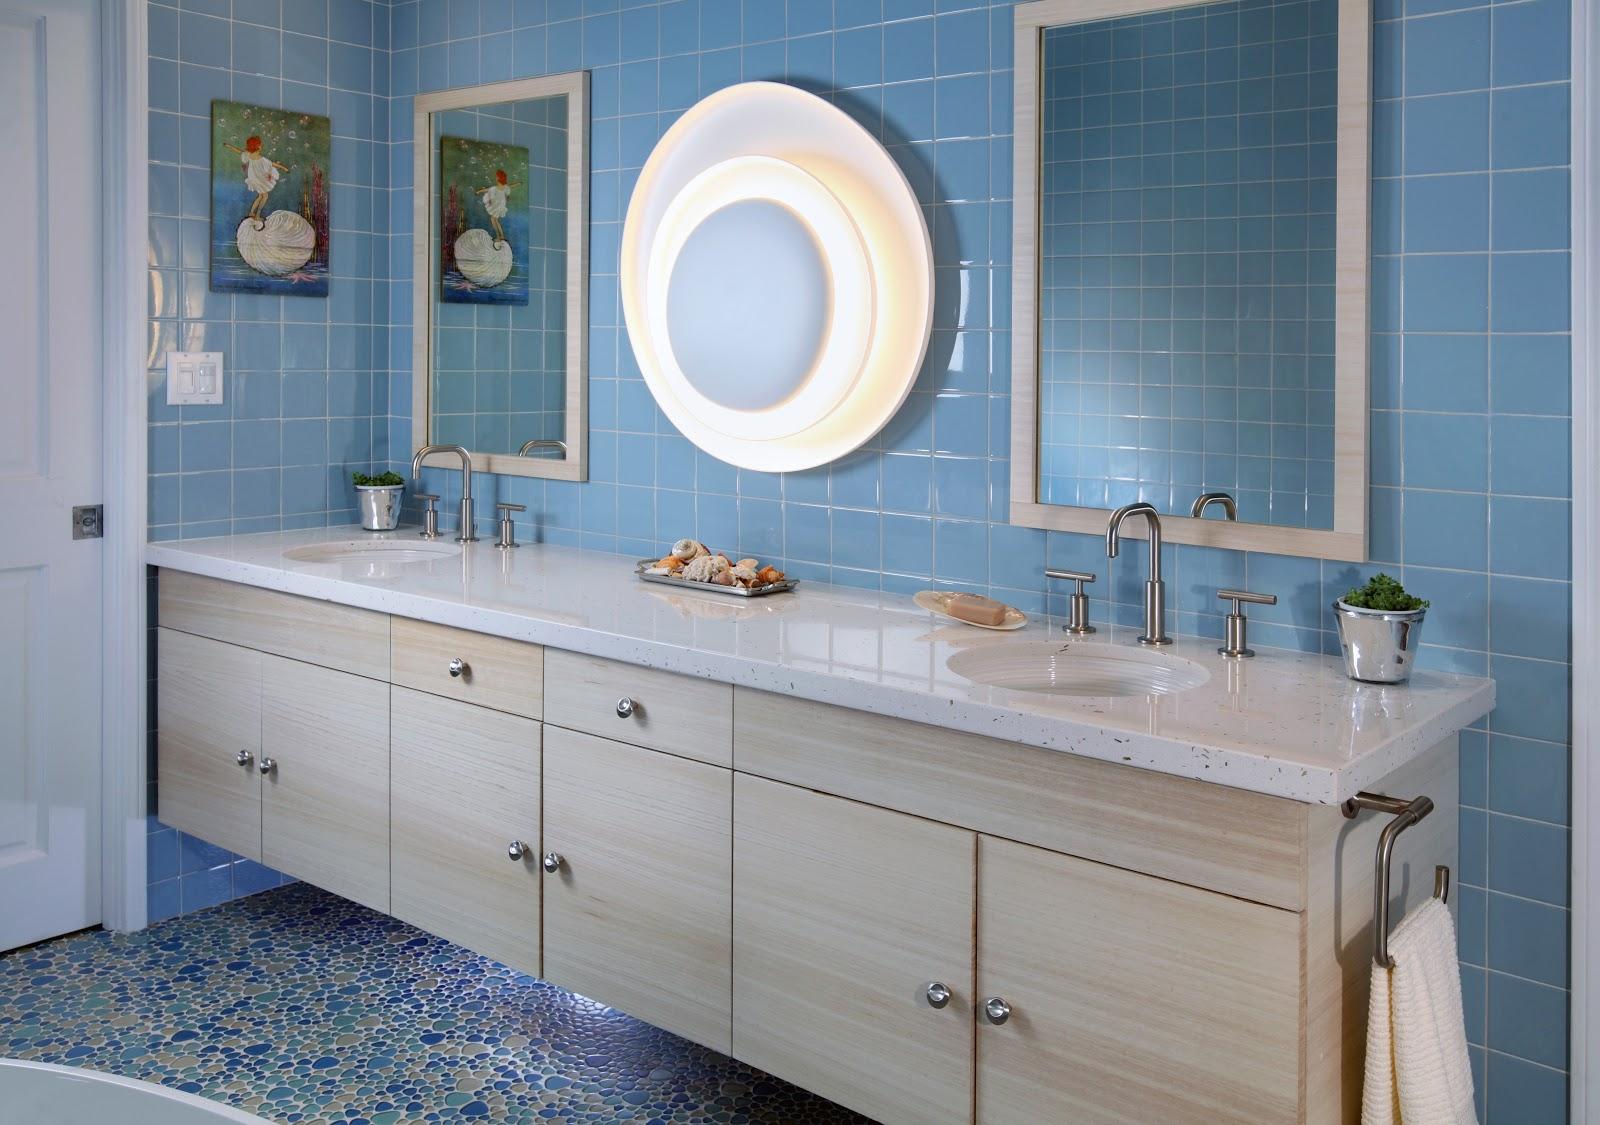 The Top 10 Trending Bathroom Designs In 2019